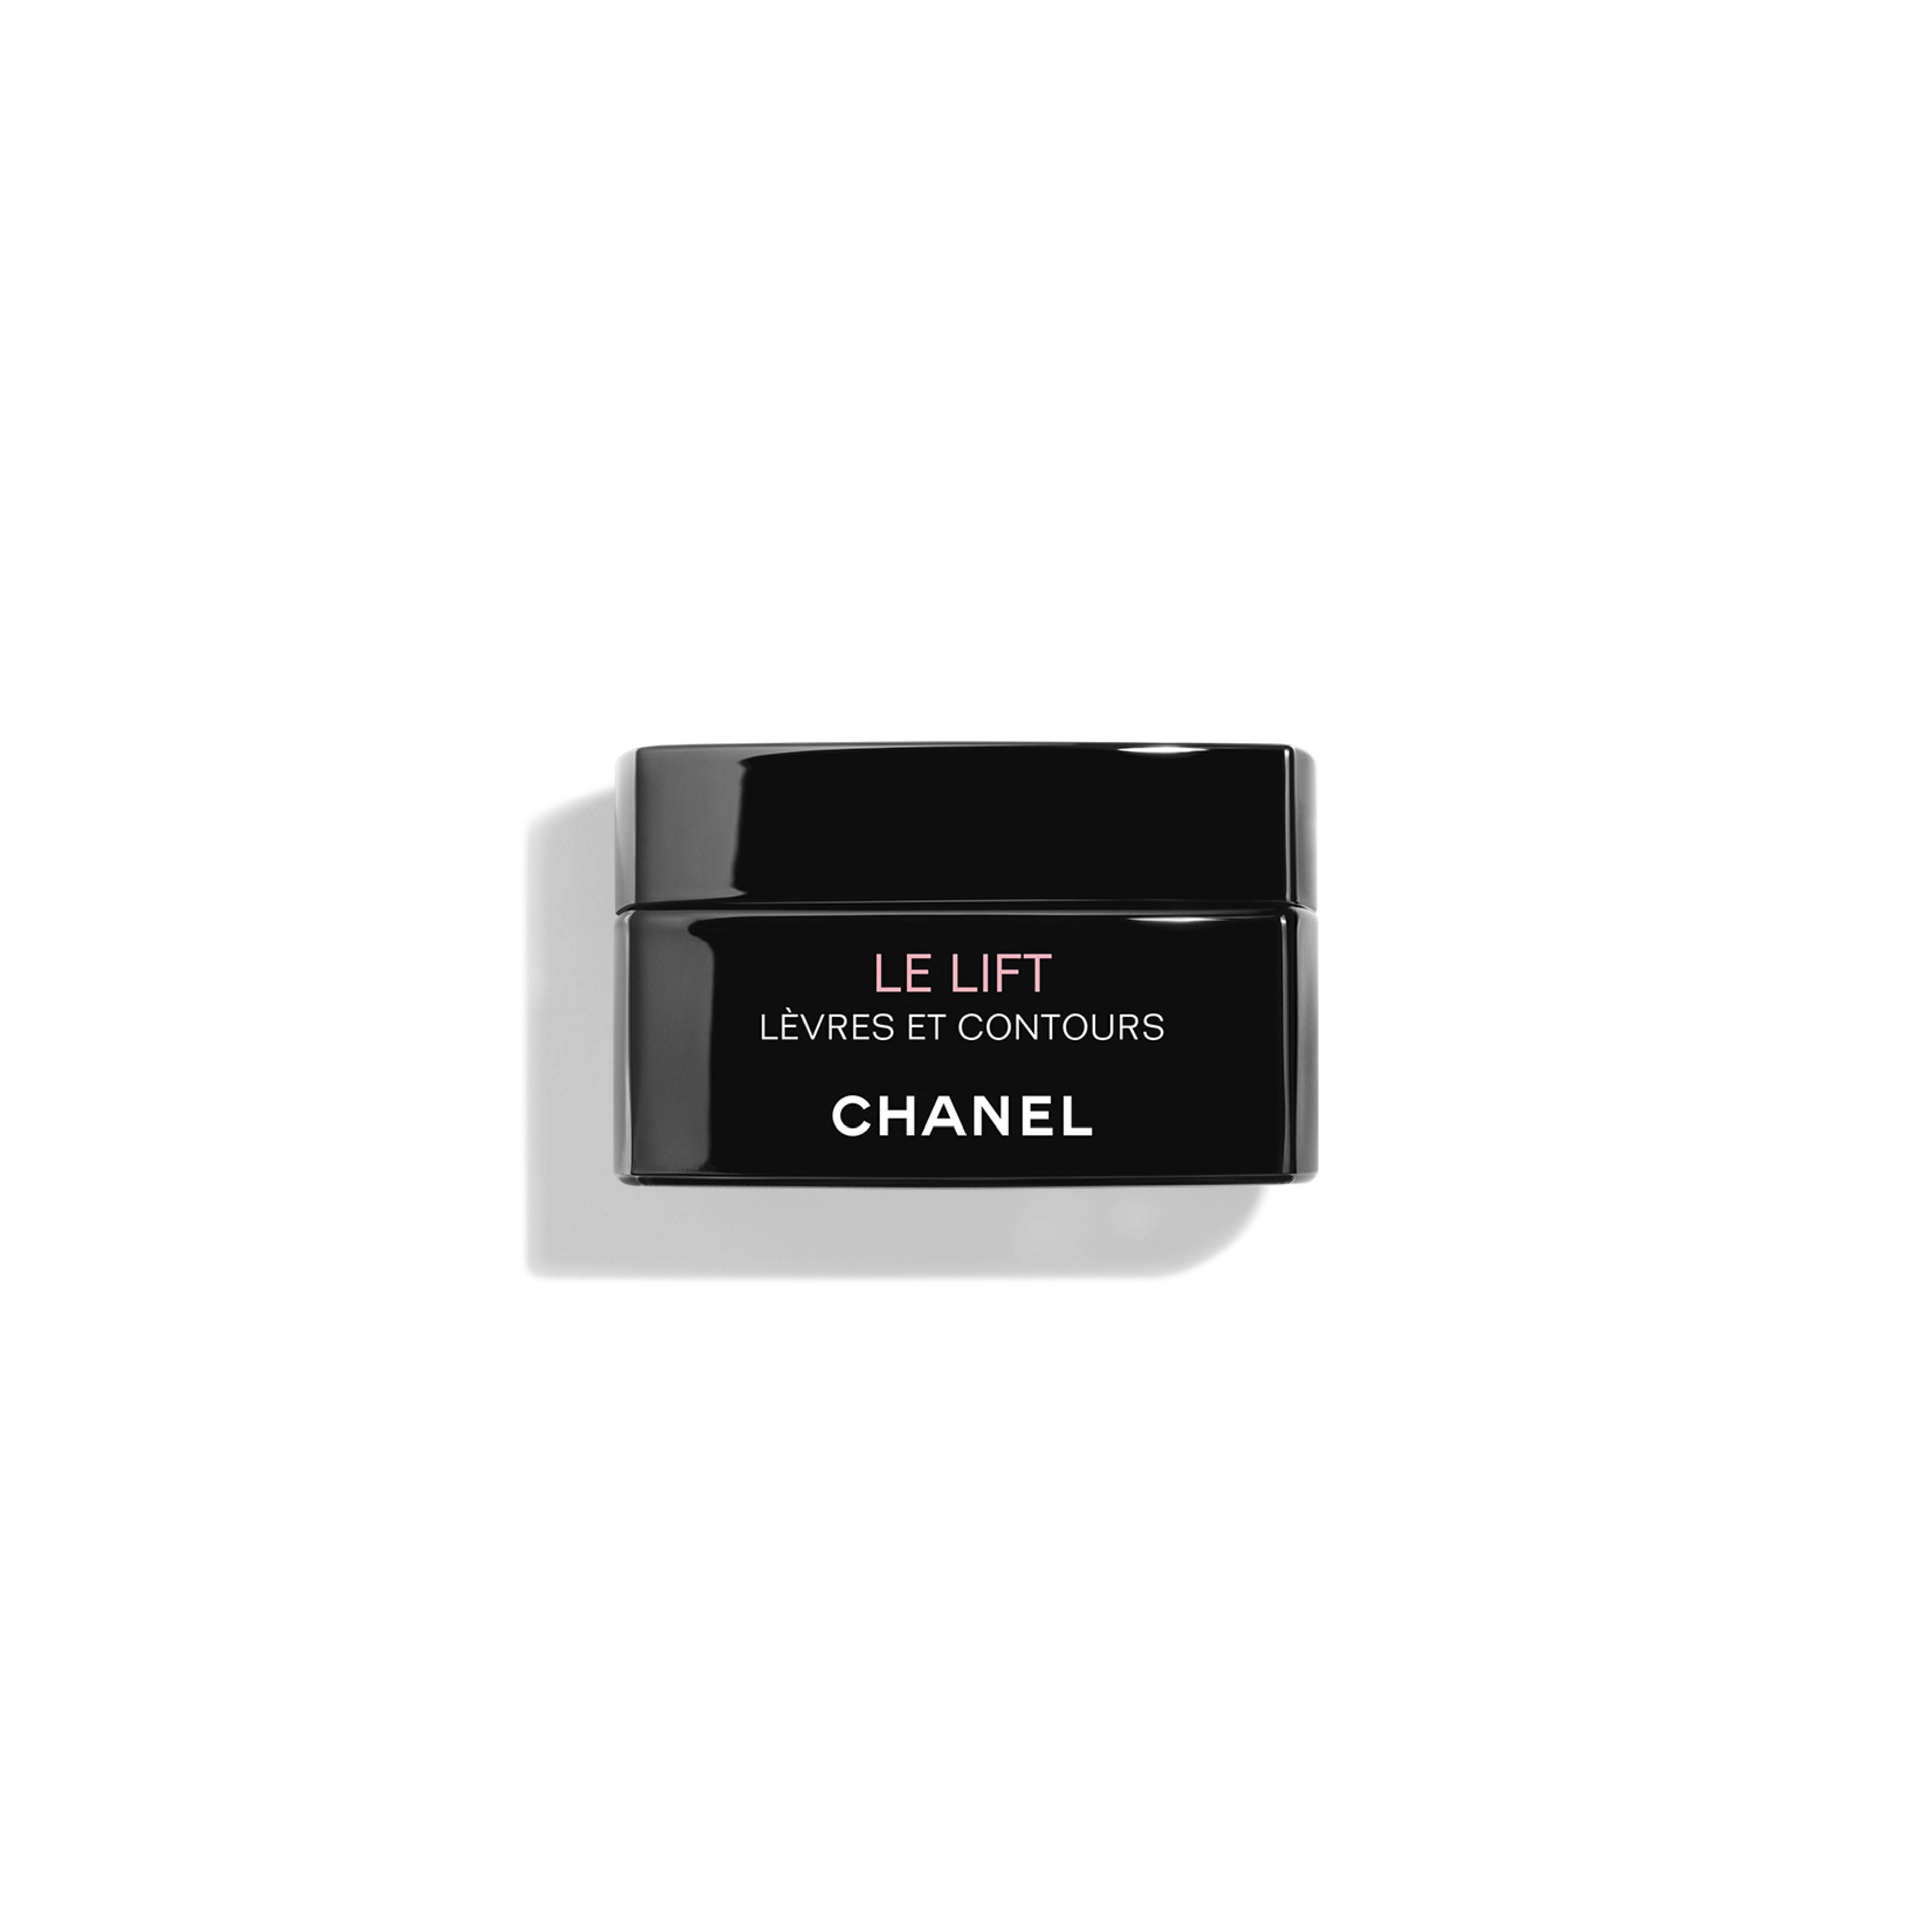 LE LIFT - skincare - 15g - Default view